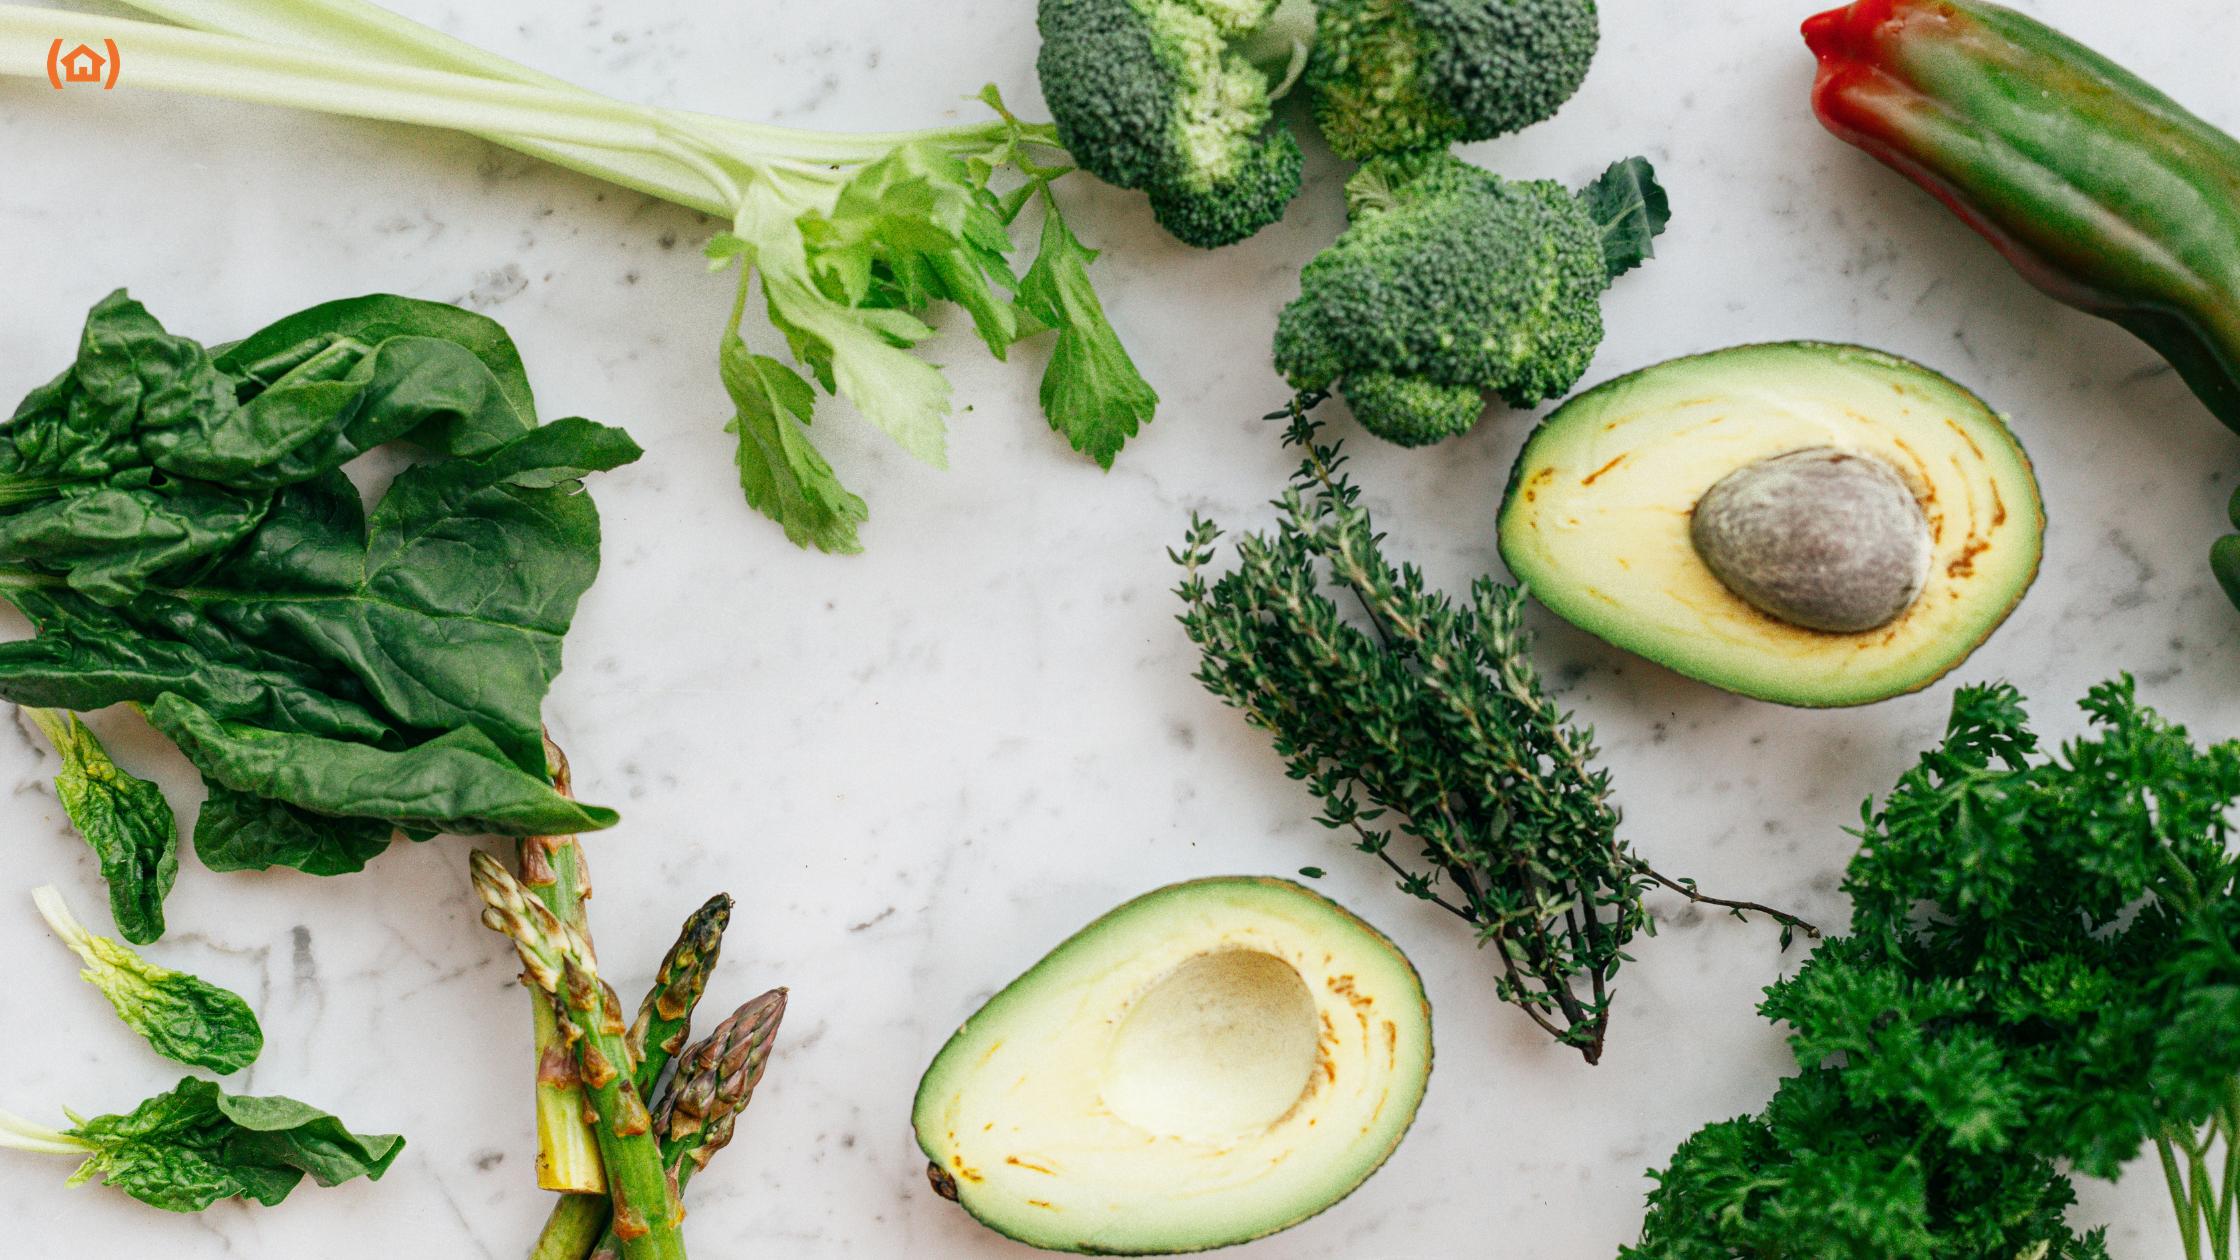 Existen alimentos que facilitan la digestión y, por consiguiente, nos hacen sentir mejor después de las comidas. Descúbrelos en nuestro artículo del blog.